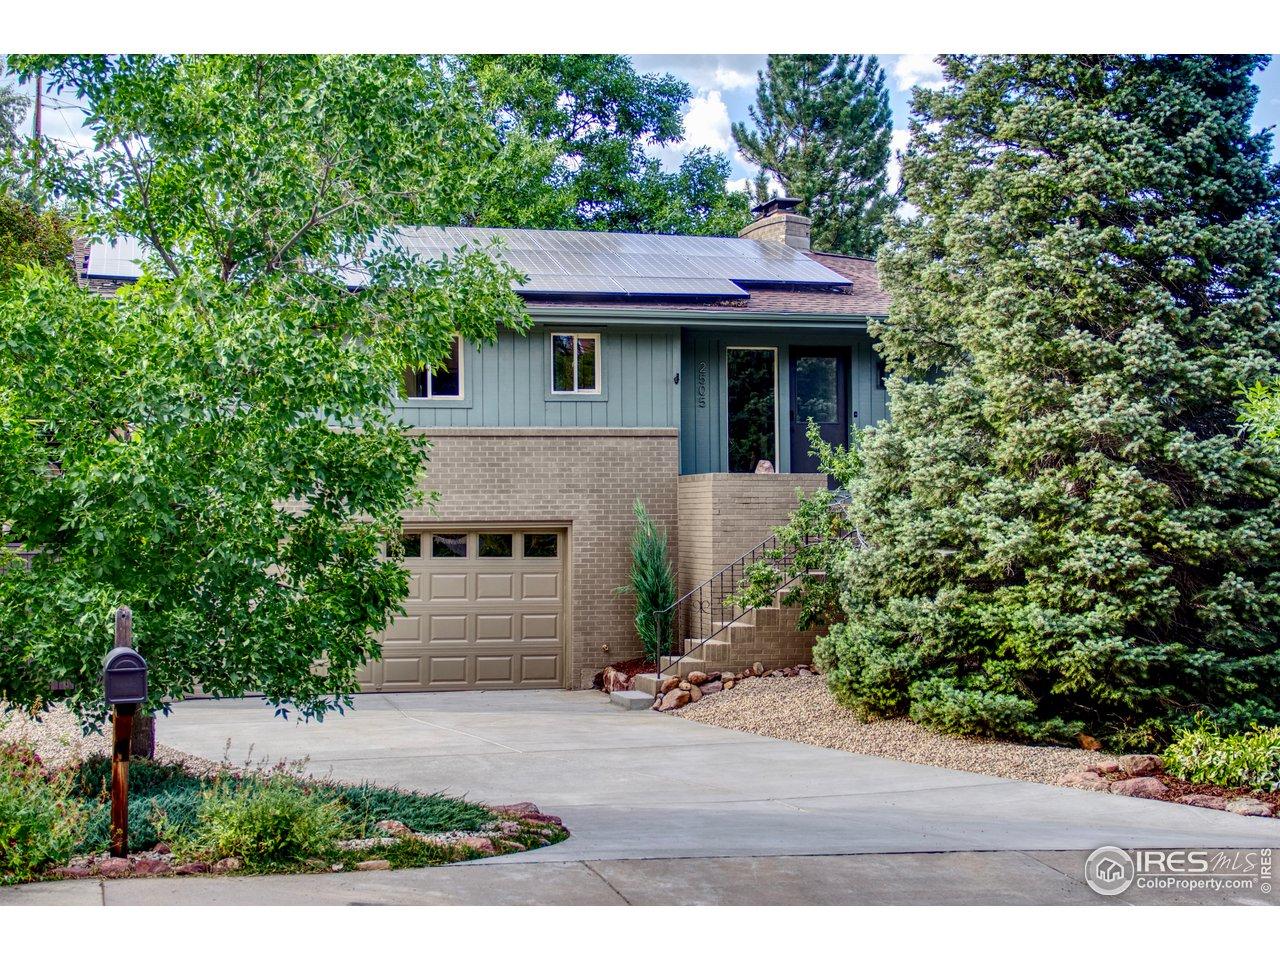 2505 Kohler Dr, Boulder CO 80305